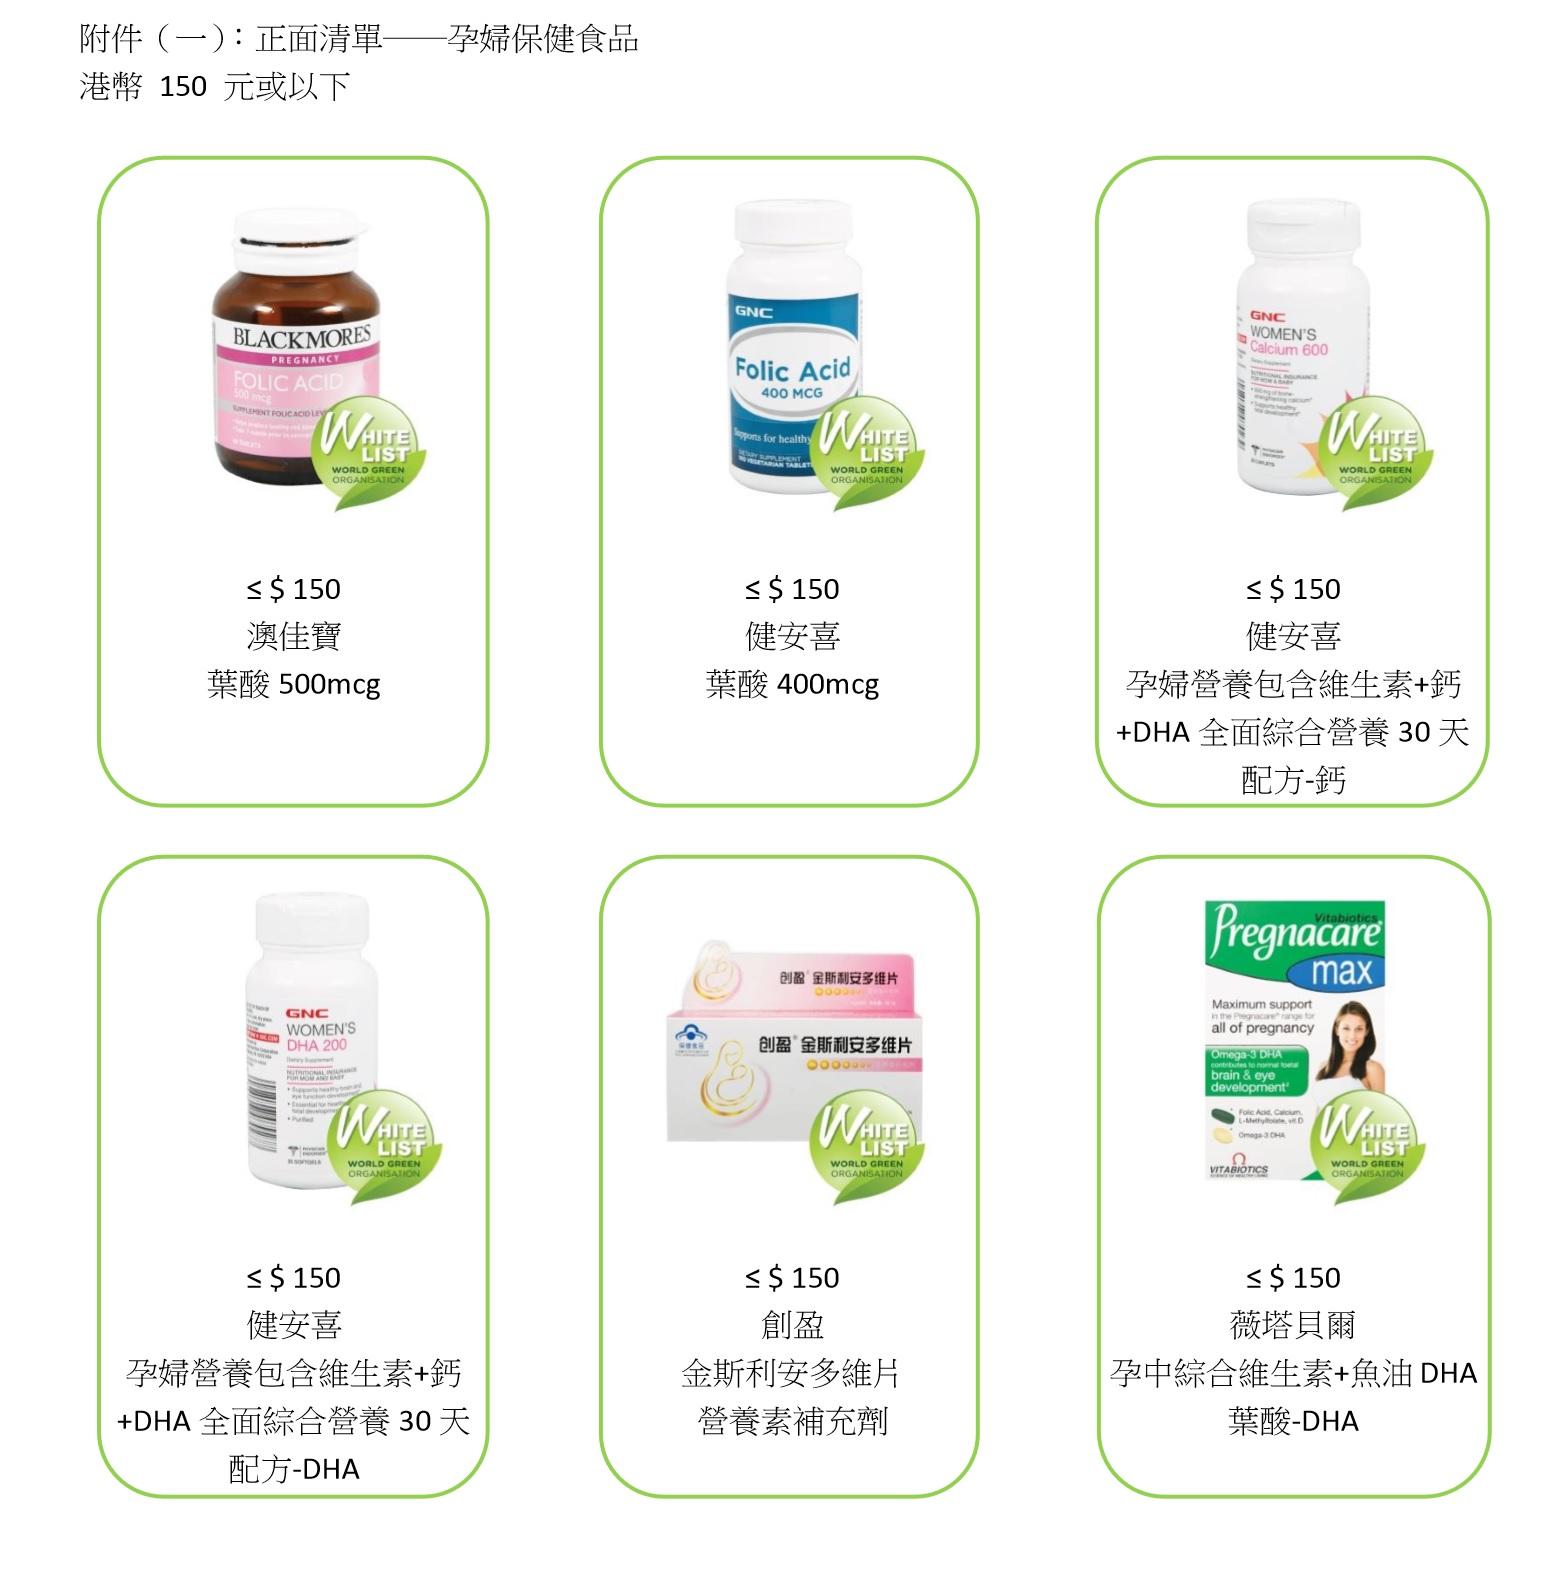 17款孕婦保健食品正面清單公佈 - Focus Times 聚焦時報